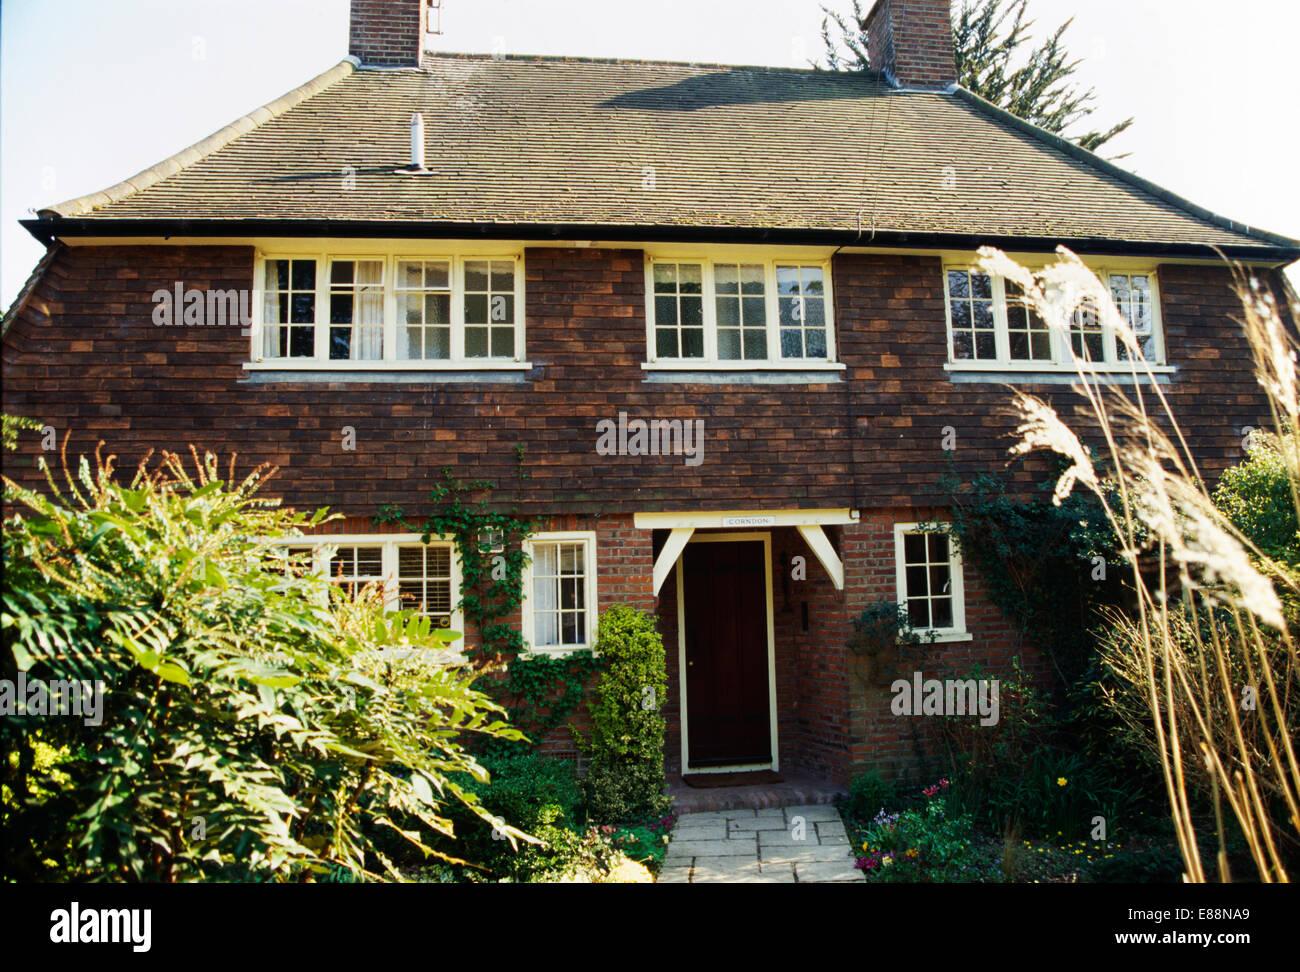 Dreißiger Jahre traditionelle gemauerte Haus auf dem Land Stockbild